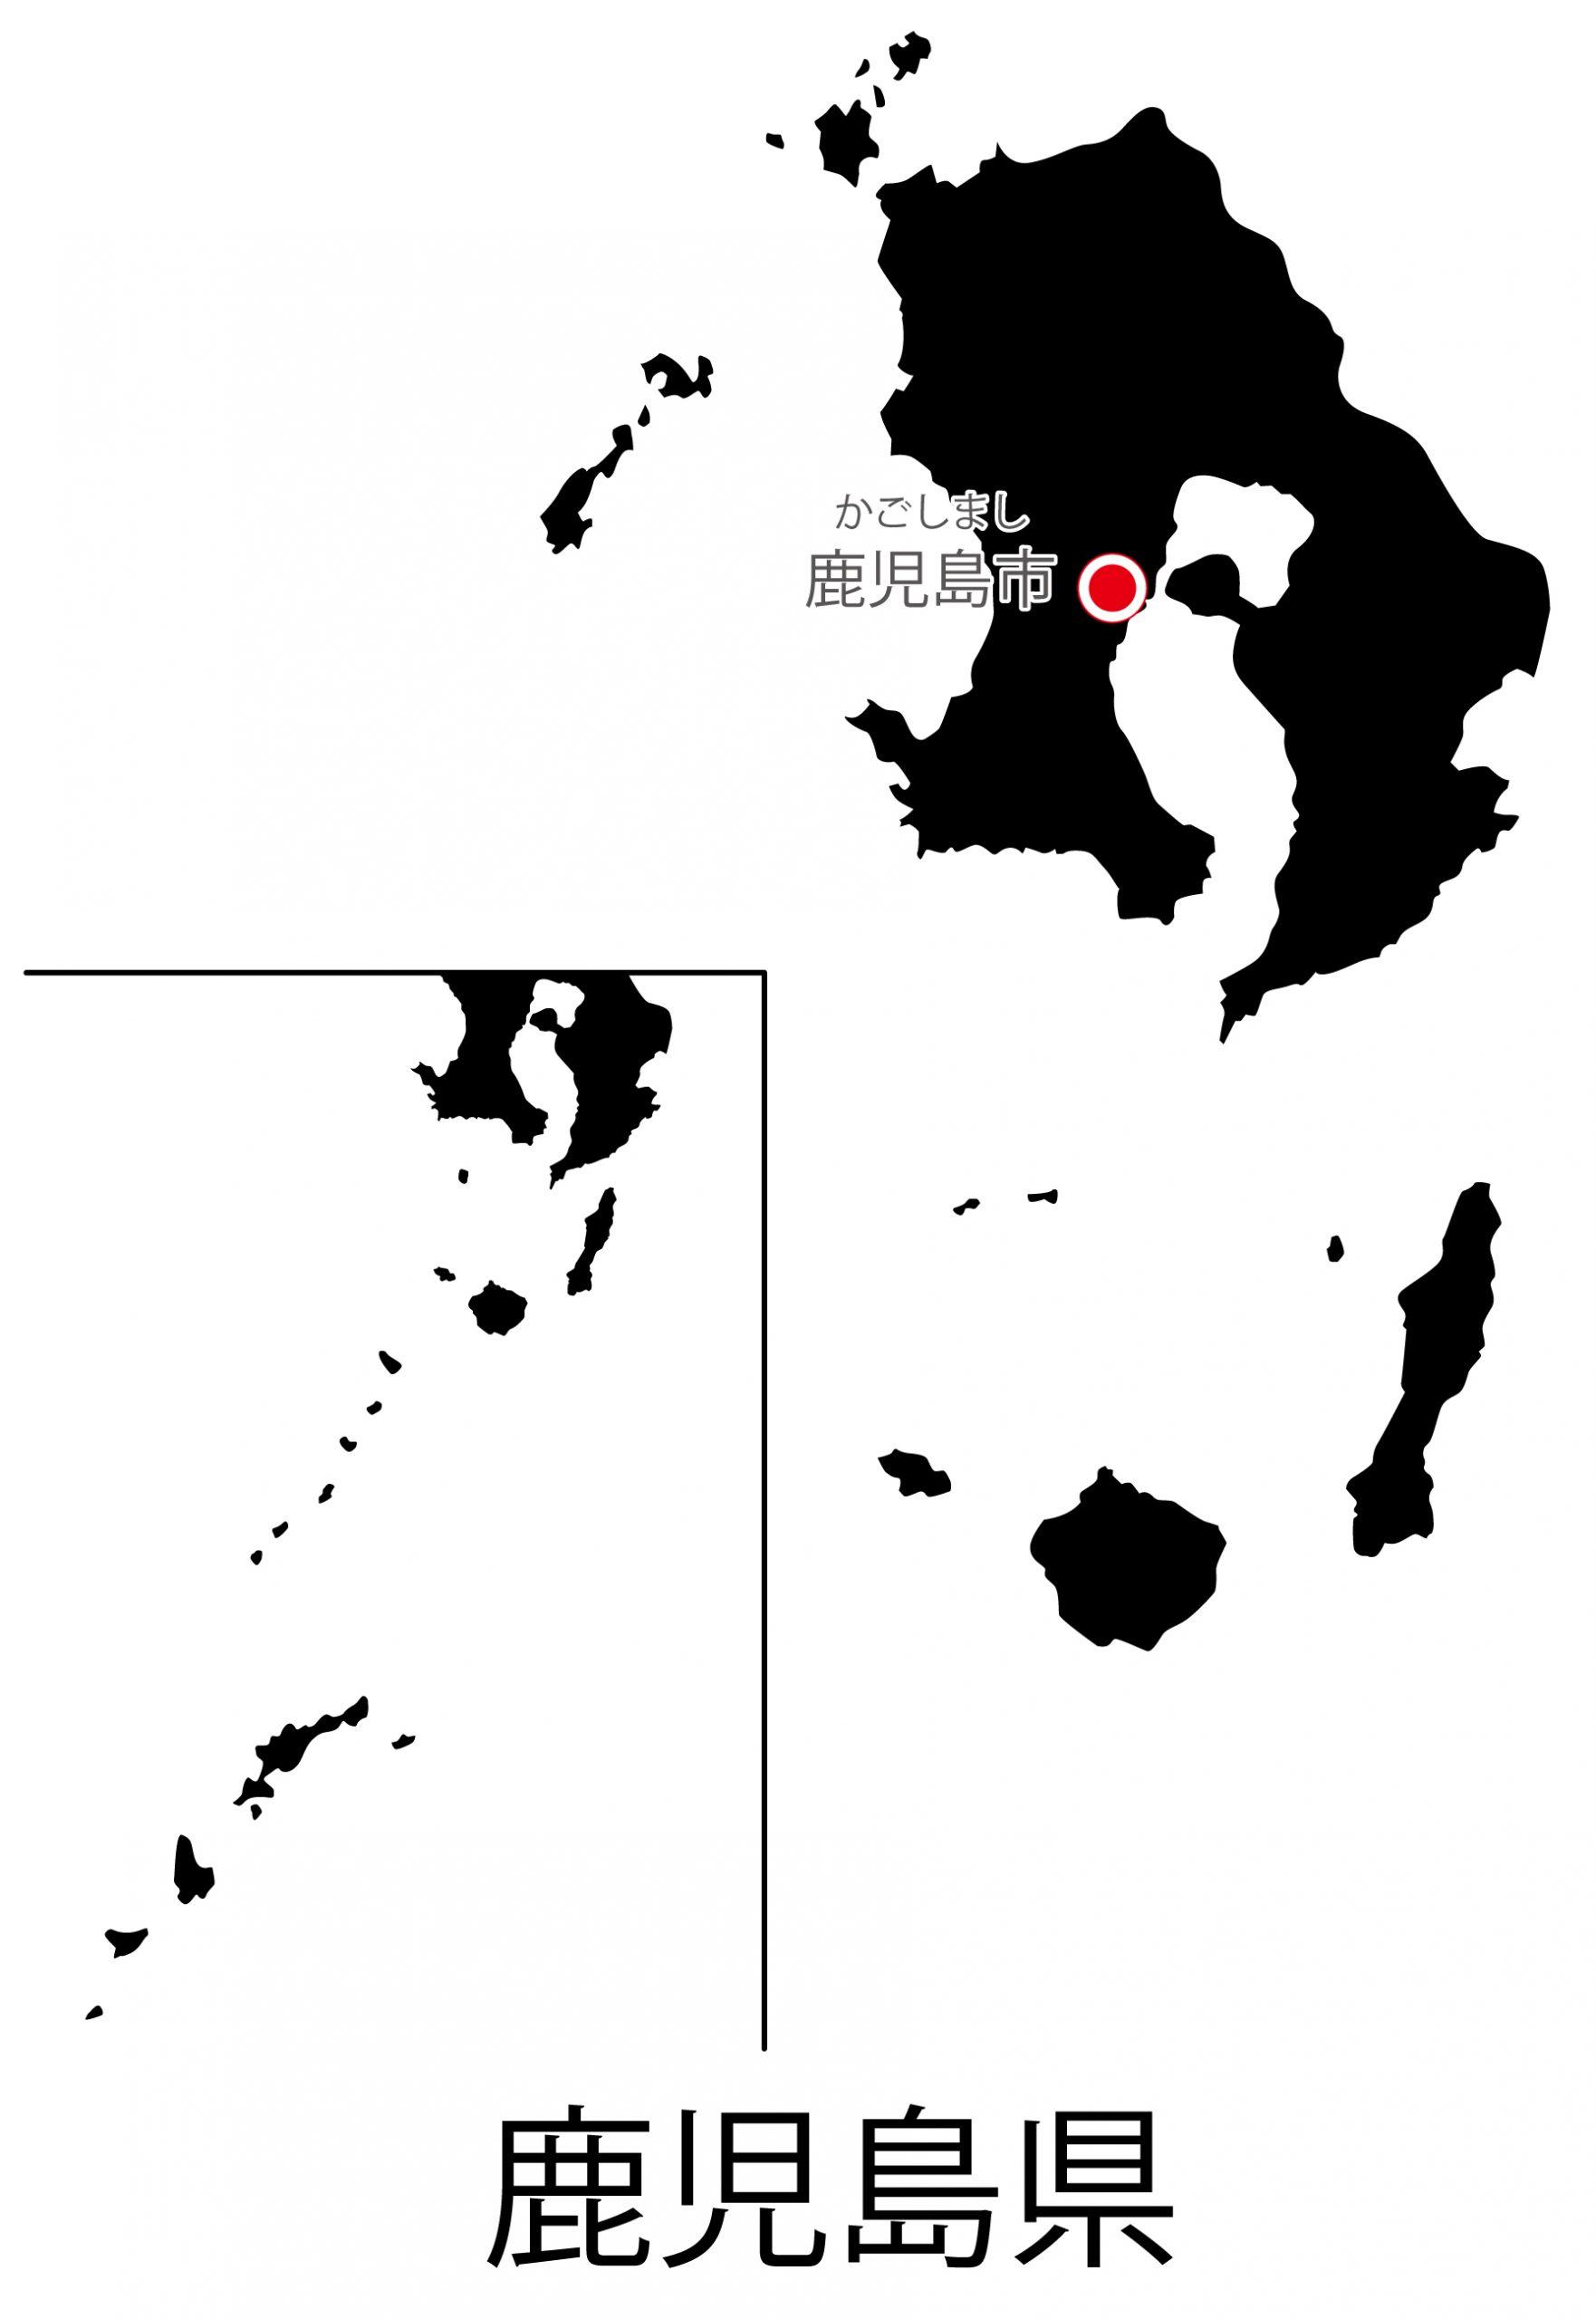 鹿児島県無料フリーイラスト|日本語・都道府県名あり・県庁所在地あり・ルビあり(黒)